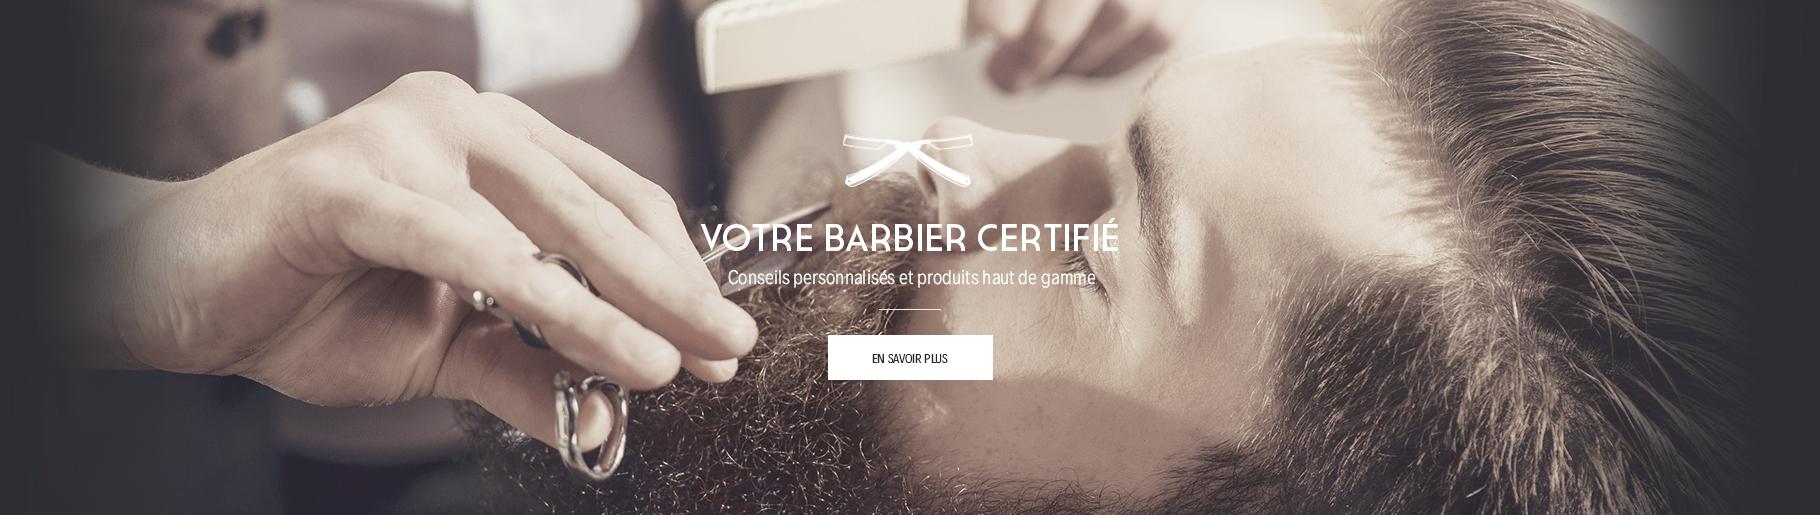 Slide barbe